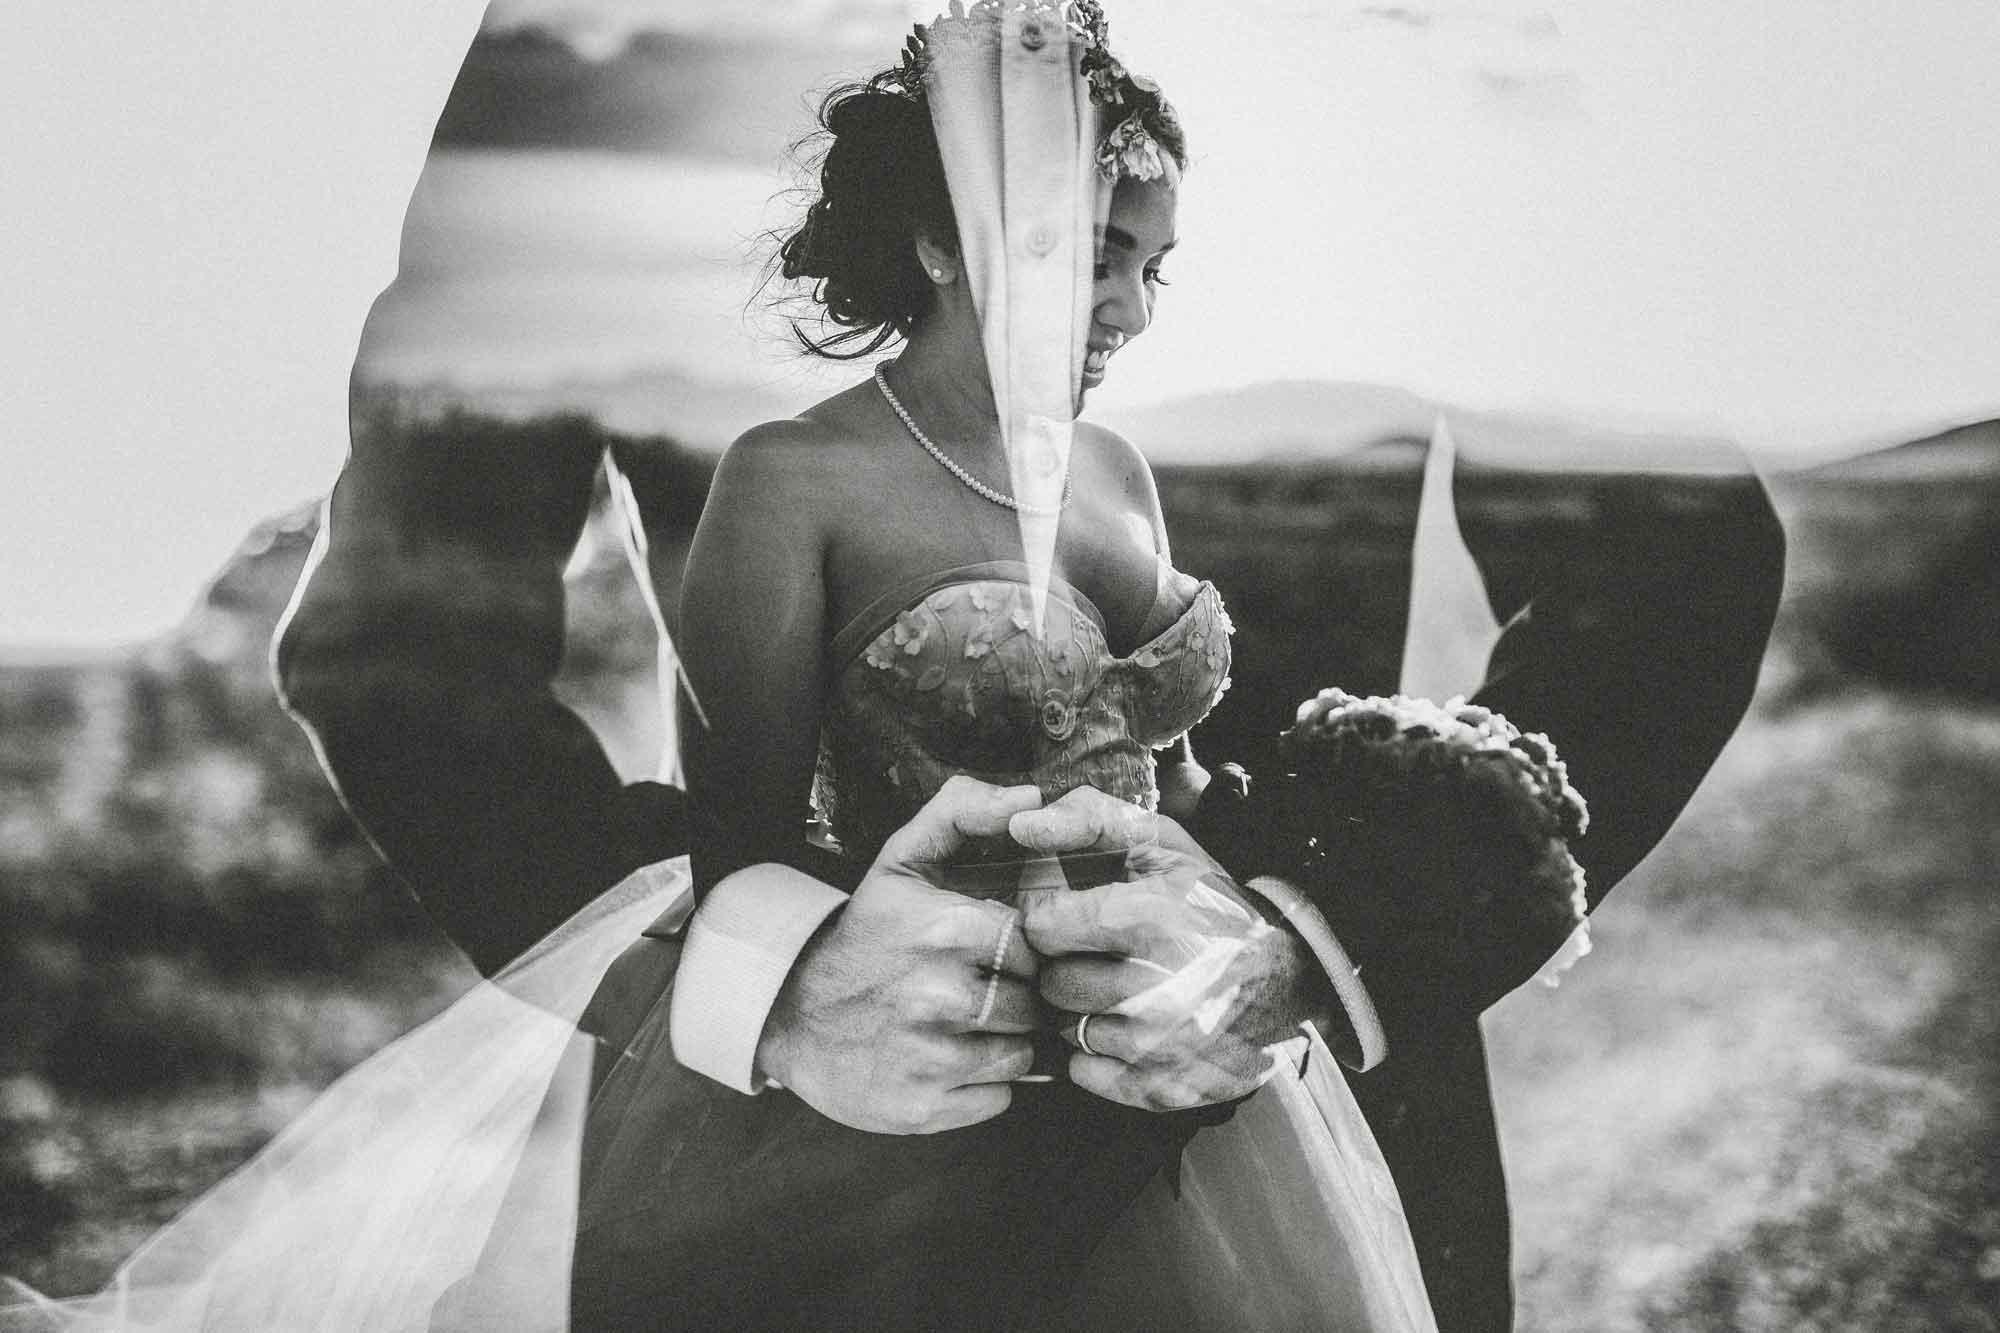 elena-barbosa--light-walkers-photografilm--workshops-cursos-de-fotografia-fotofest--saltillo-coahuila--mx3